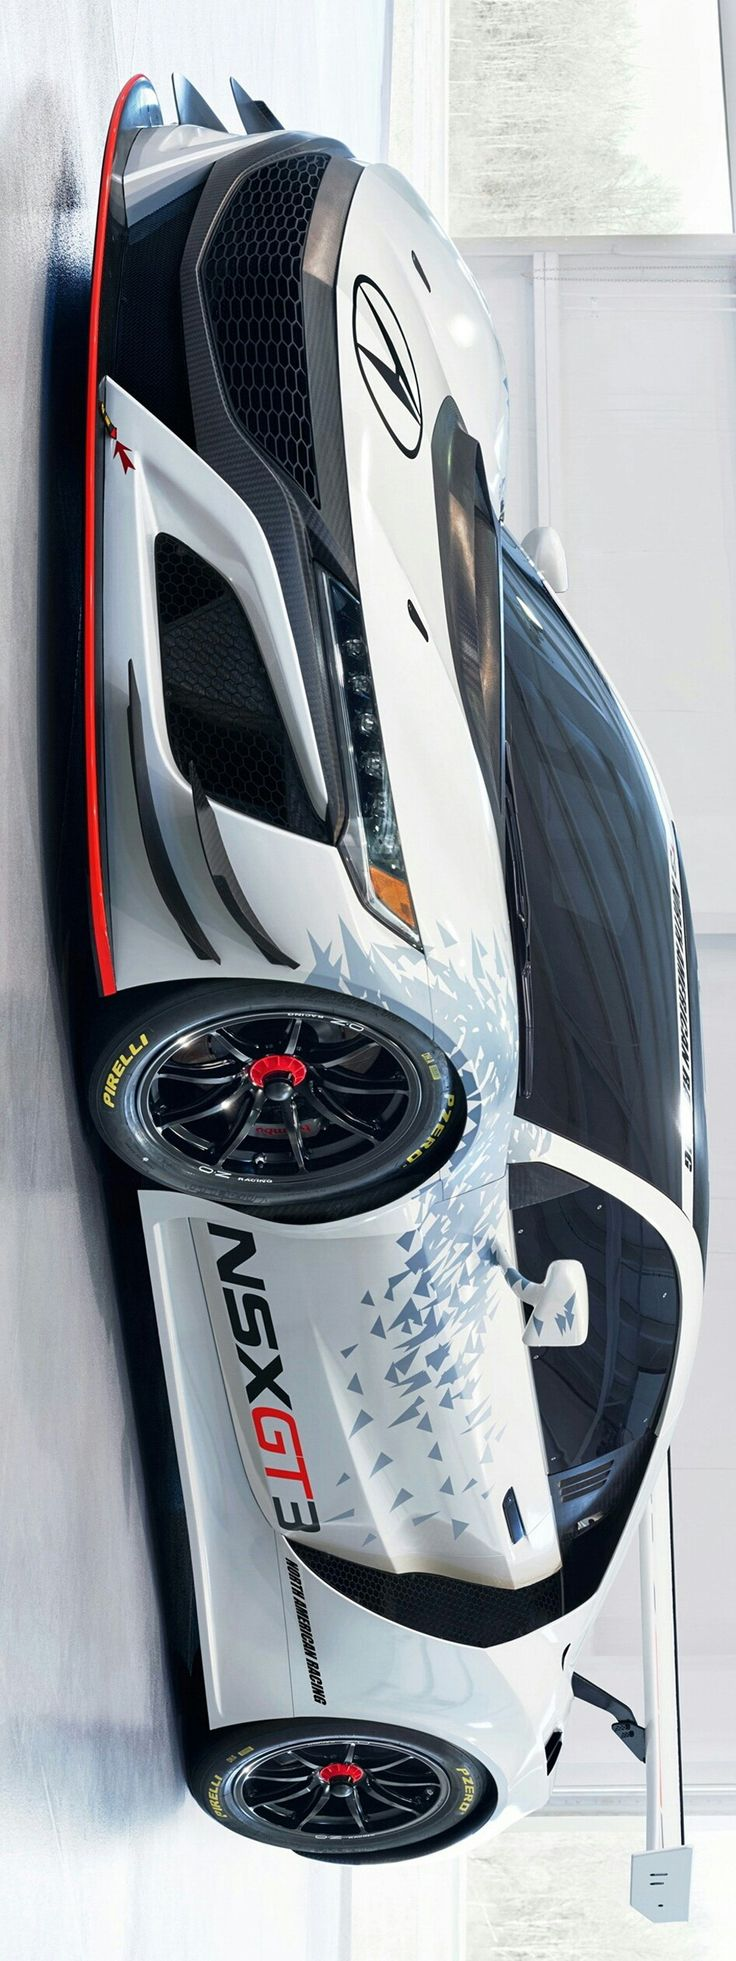 2017 Acura NSX GT3 by Levon